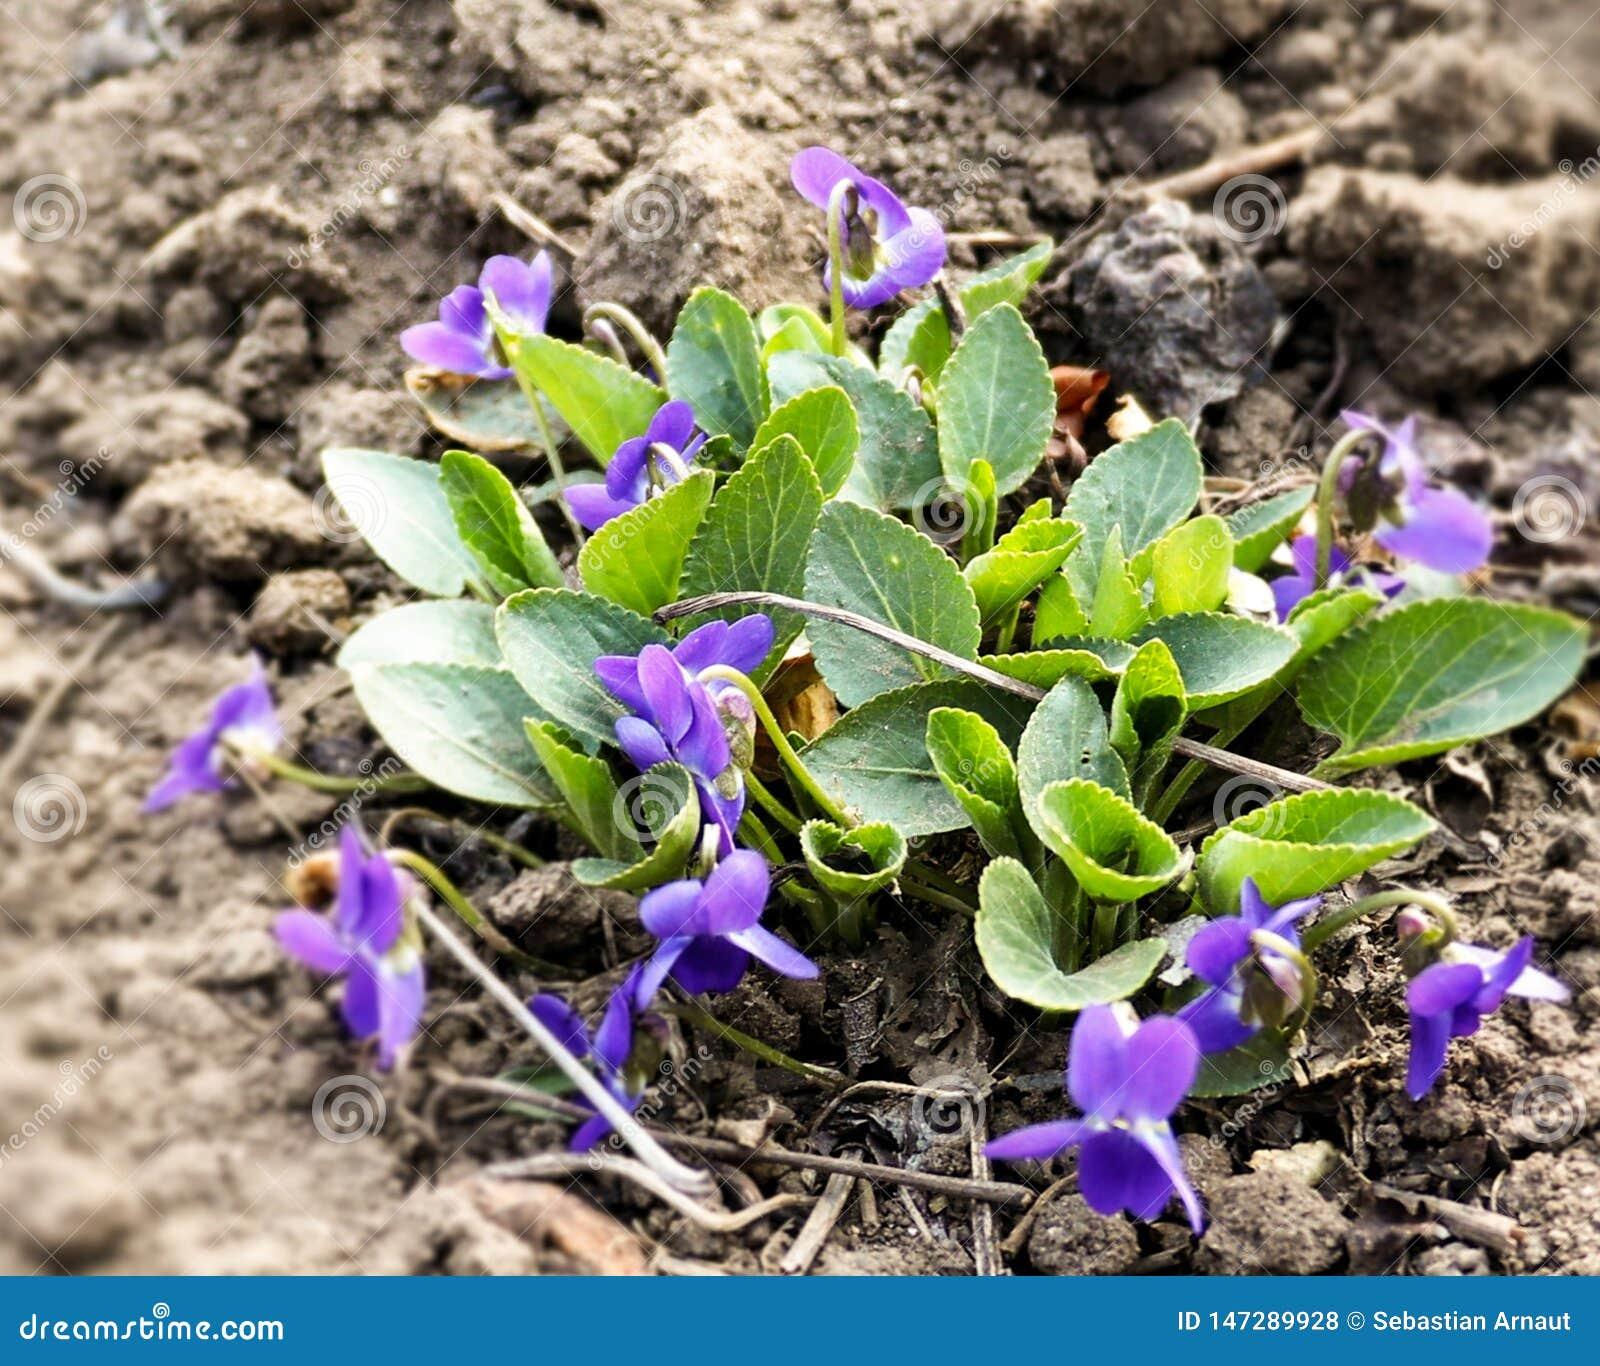 Les fleurs violettes de violettes fleurissent au printemps for?t